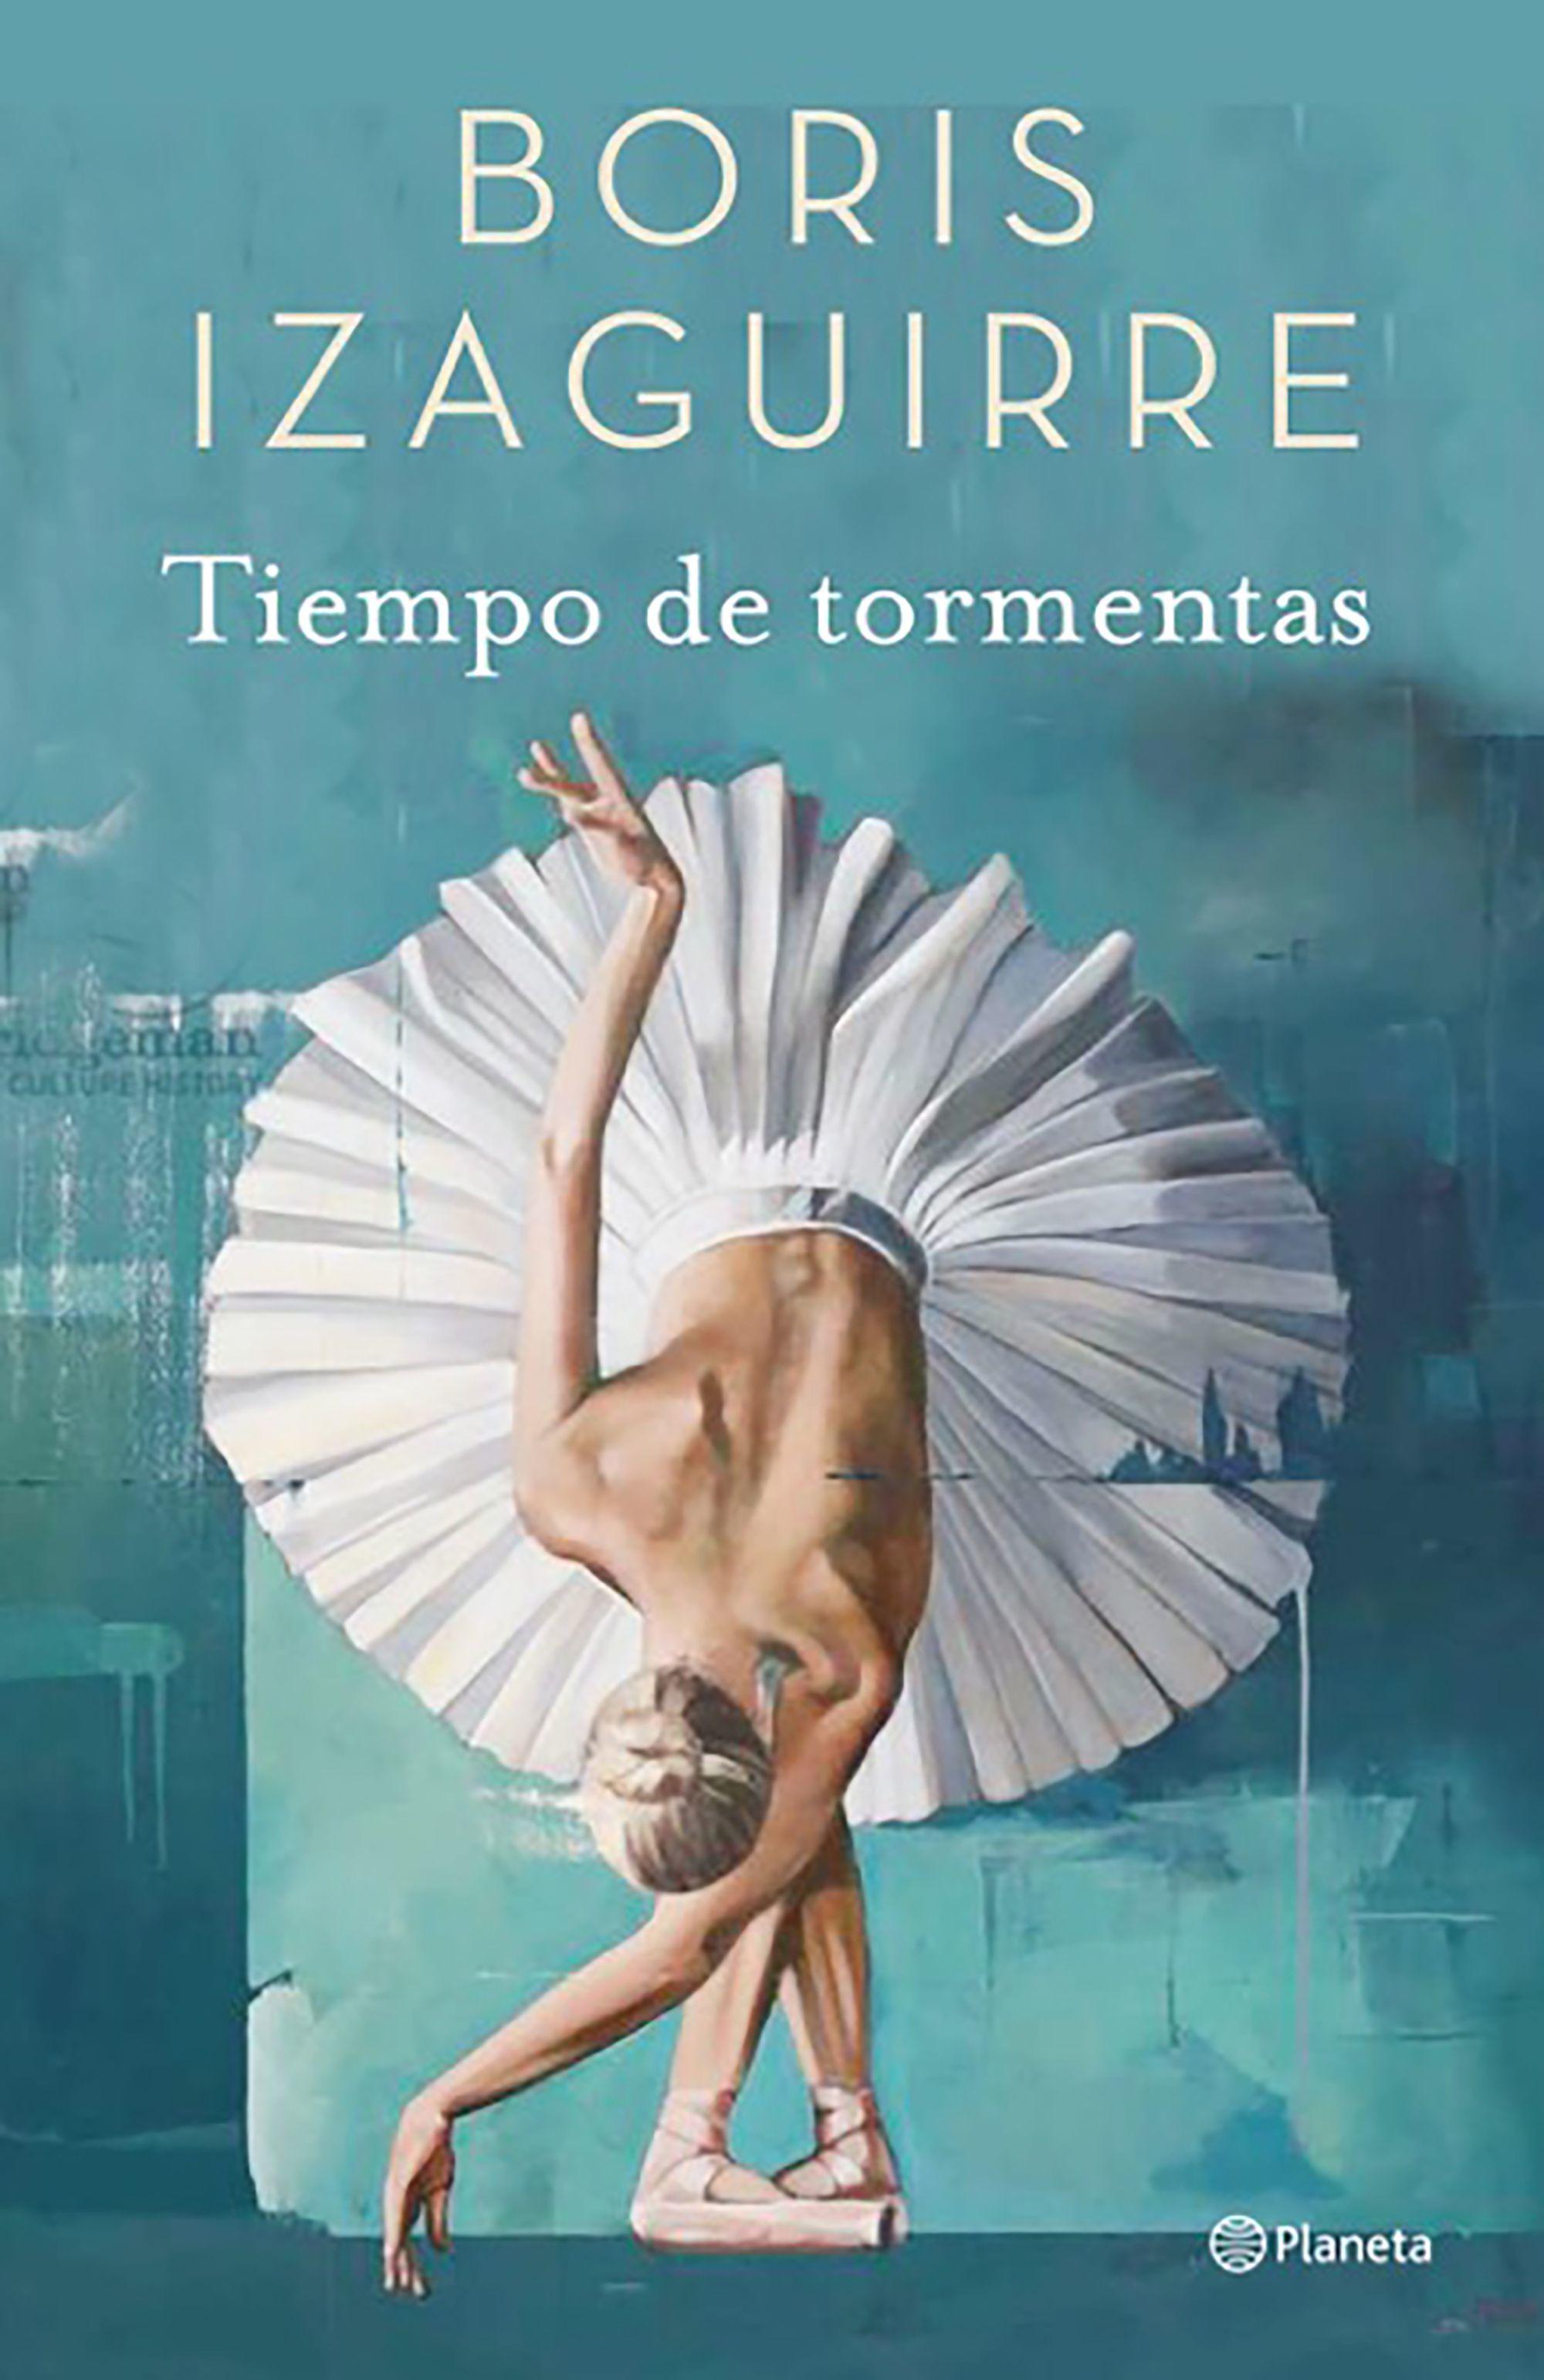 Tiempo de tormenta, el último libro de Boris Izaguirre.